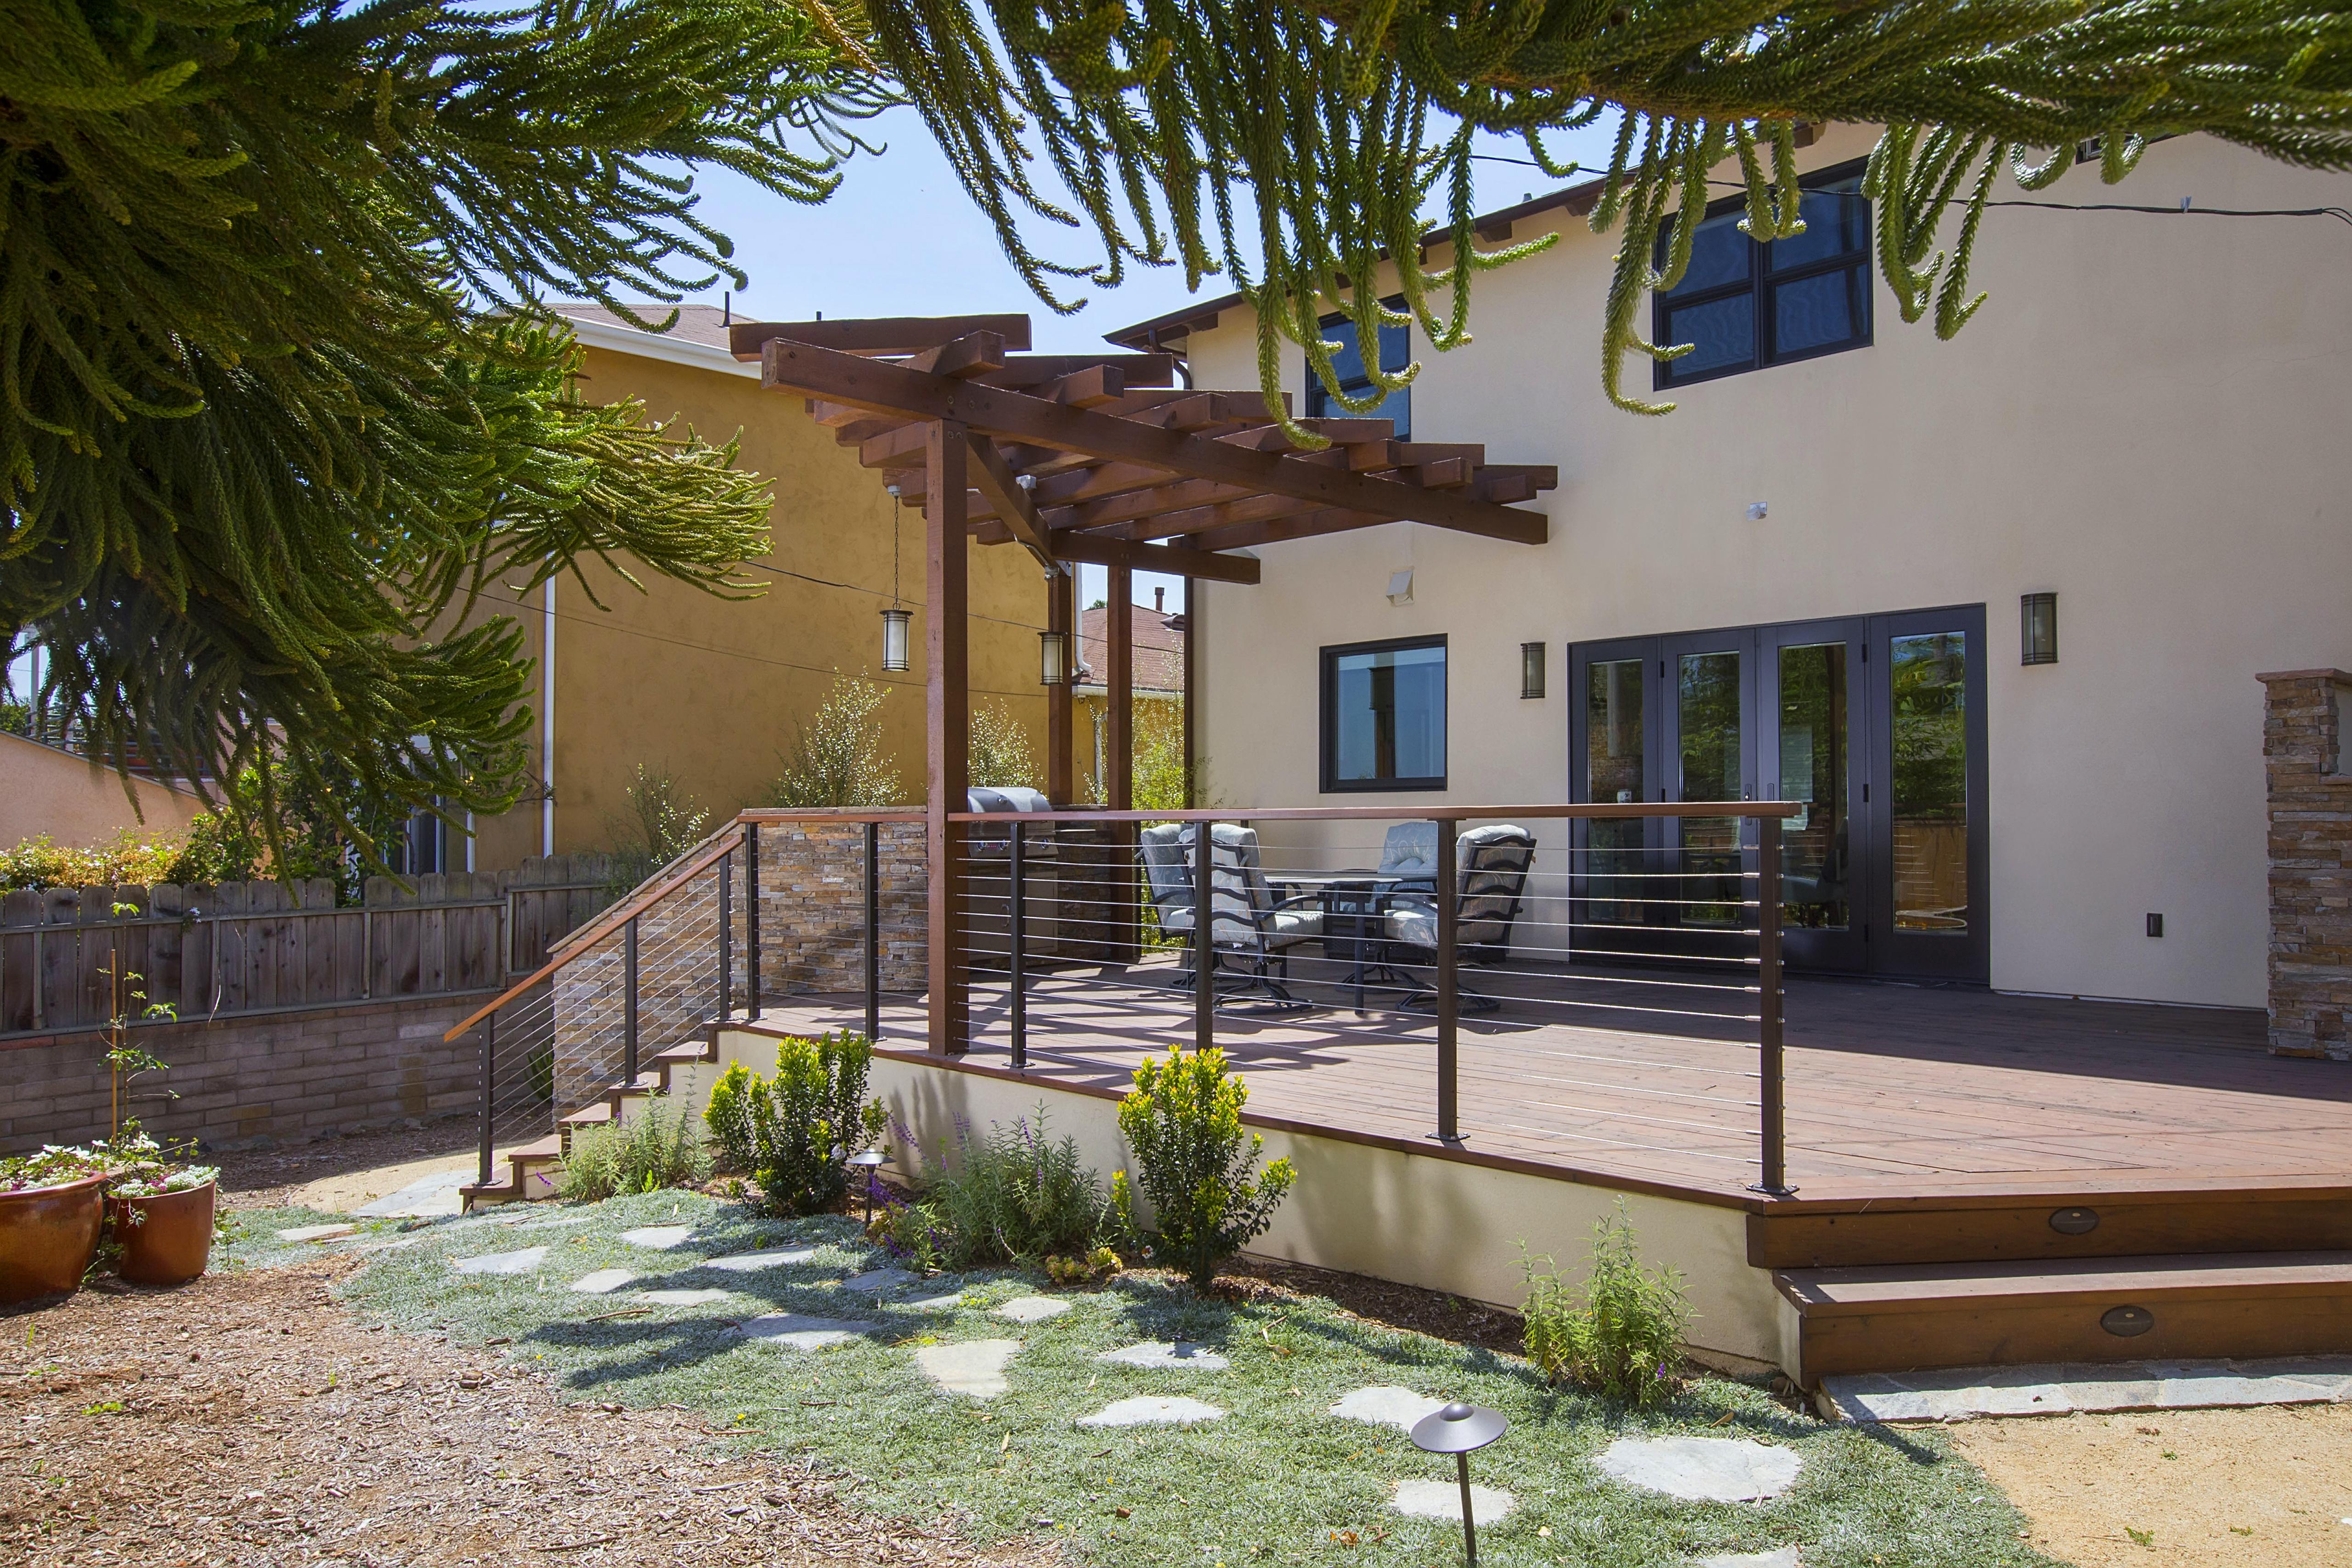 Outdoor Living Architectural Pergola BBQ island Remodel Rancho Bernado